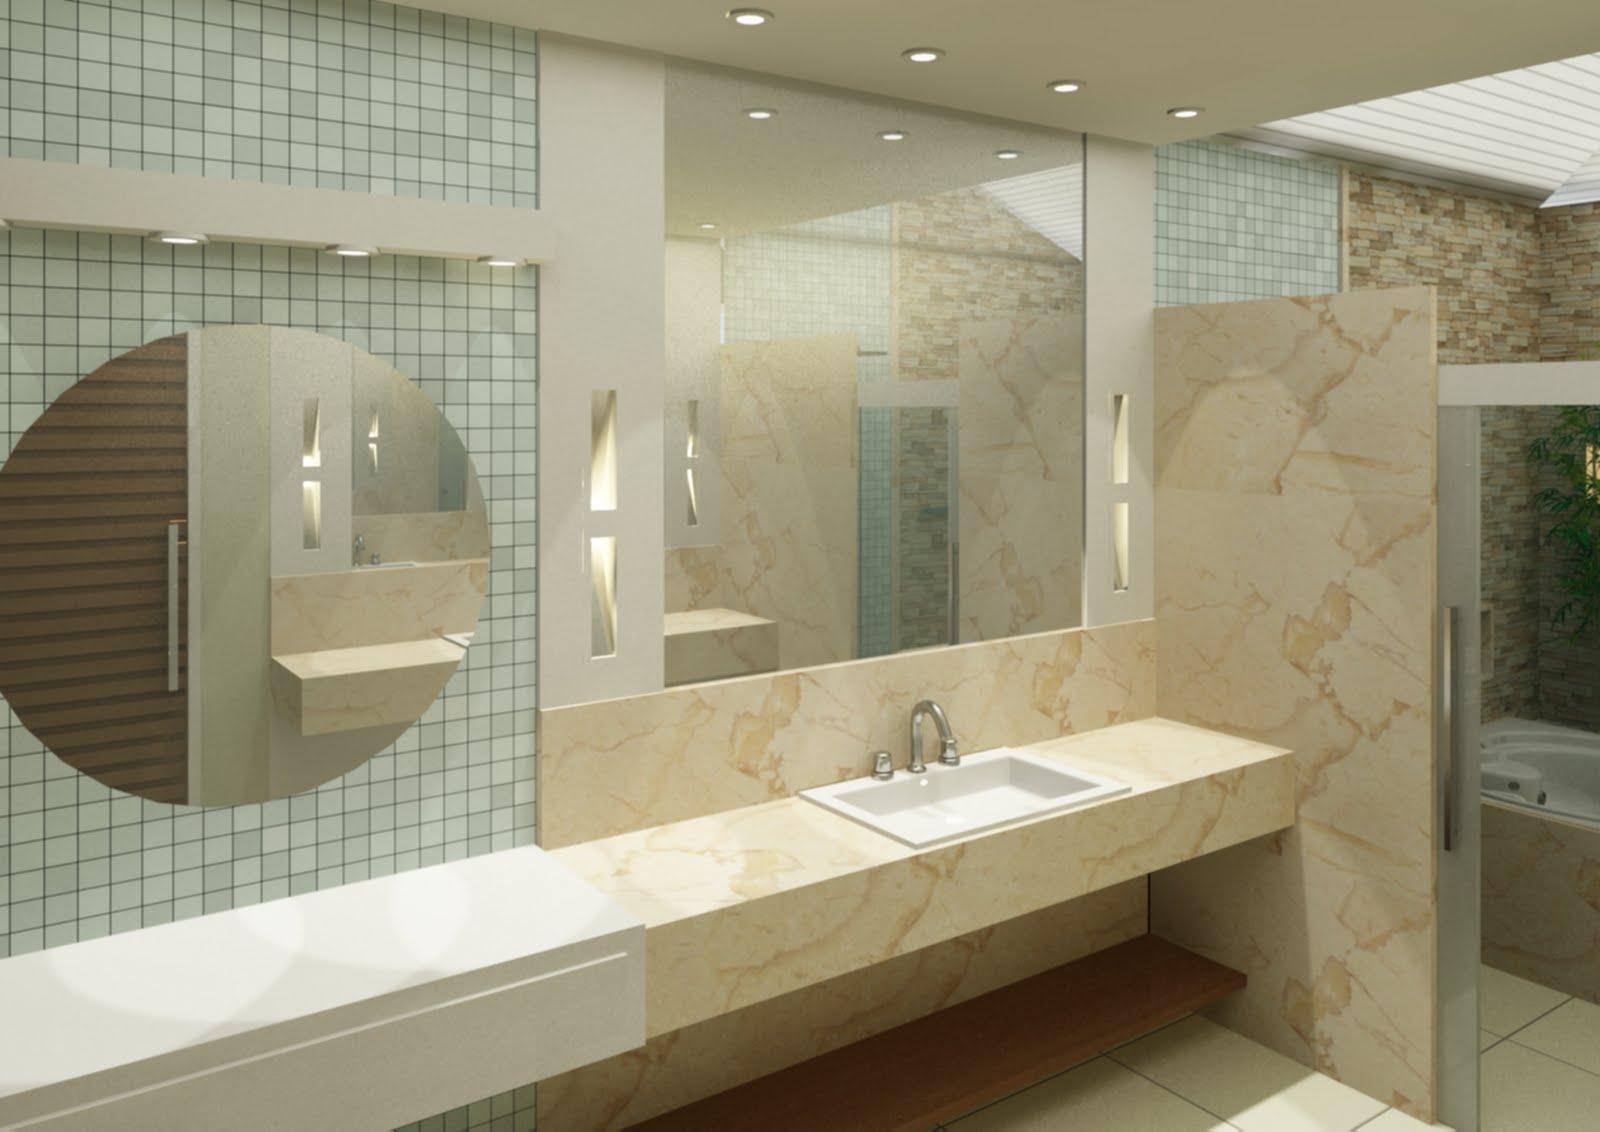 Projeto Buzios Barros Niquet Arquitetura #413620 1600x1132 Banheiro Arquitetura